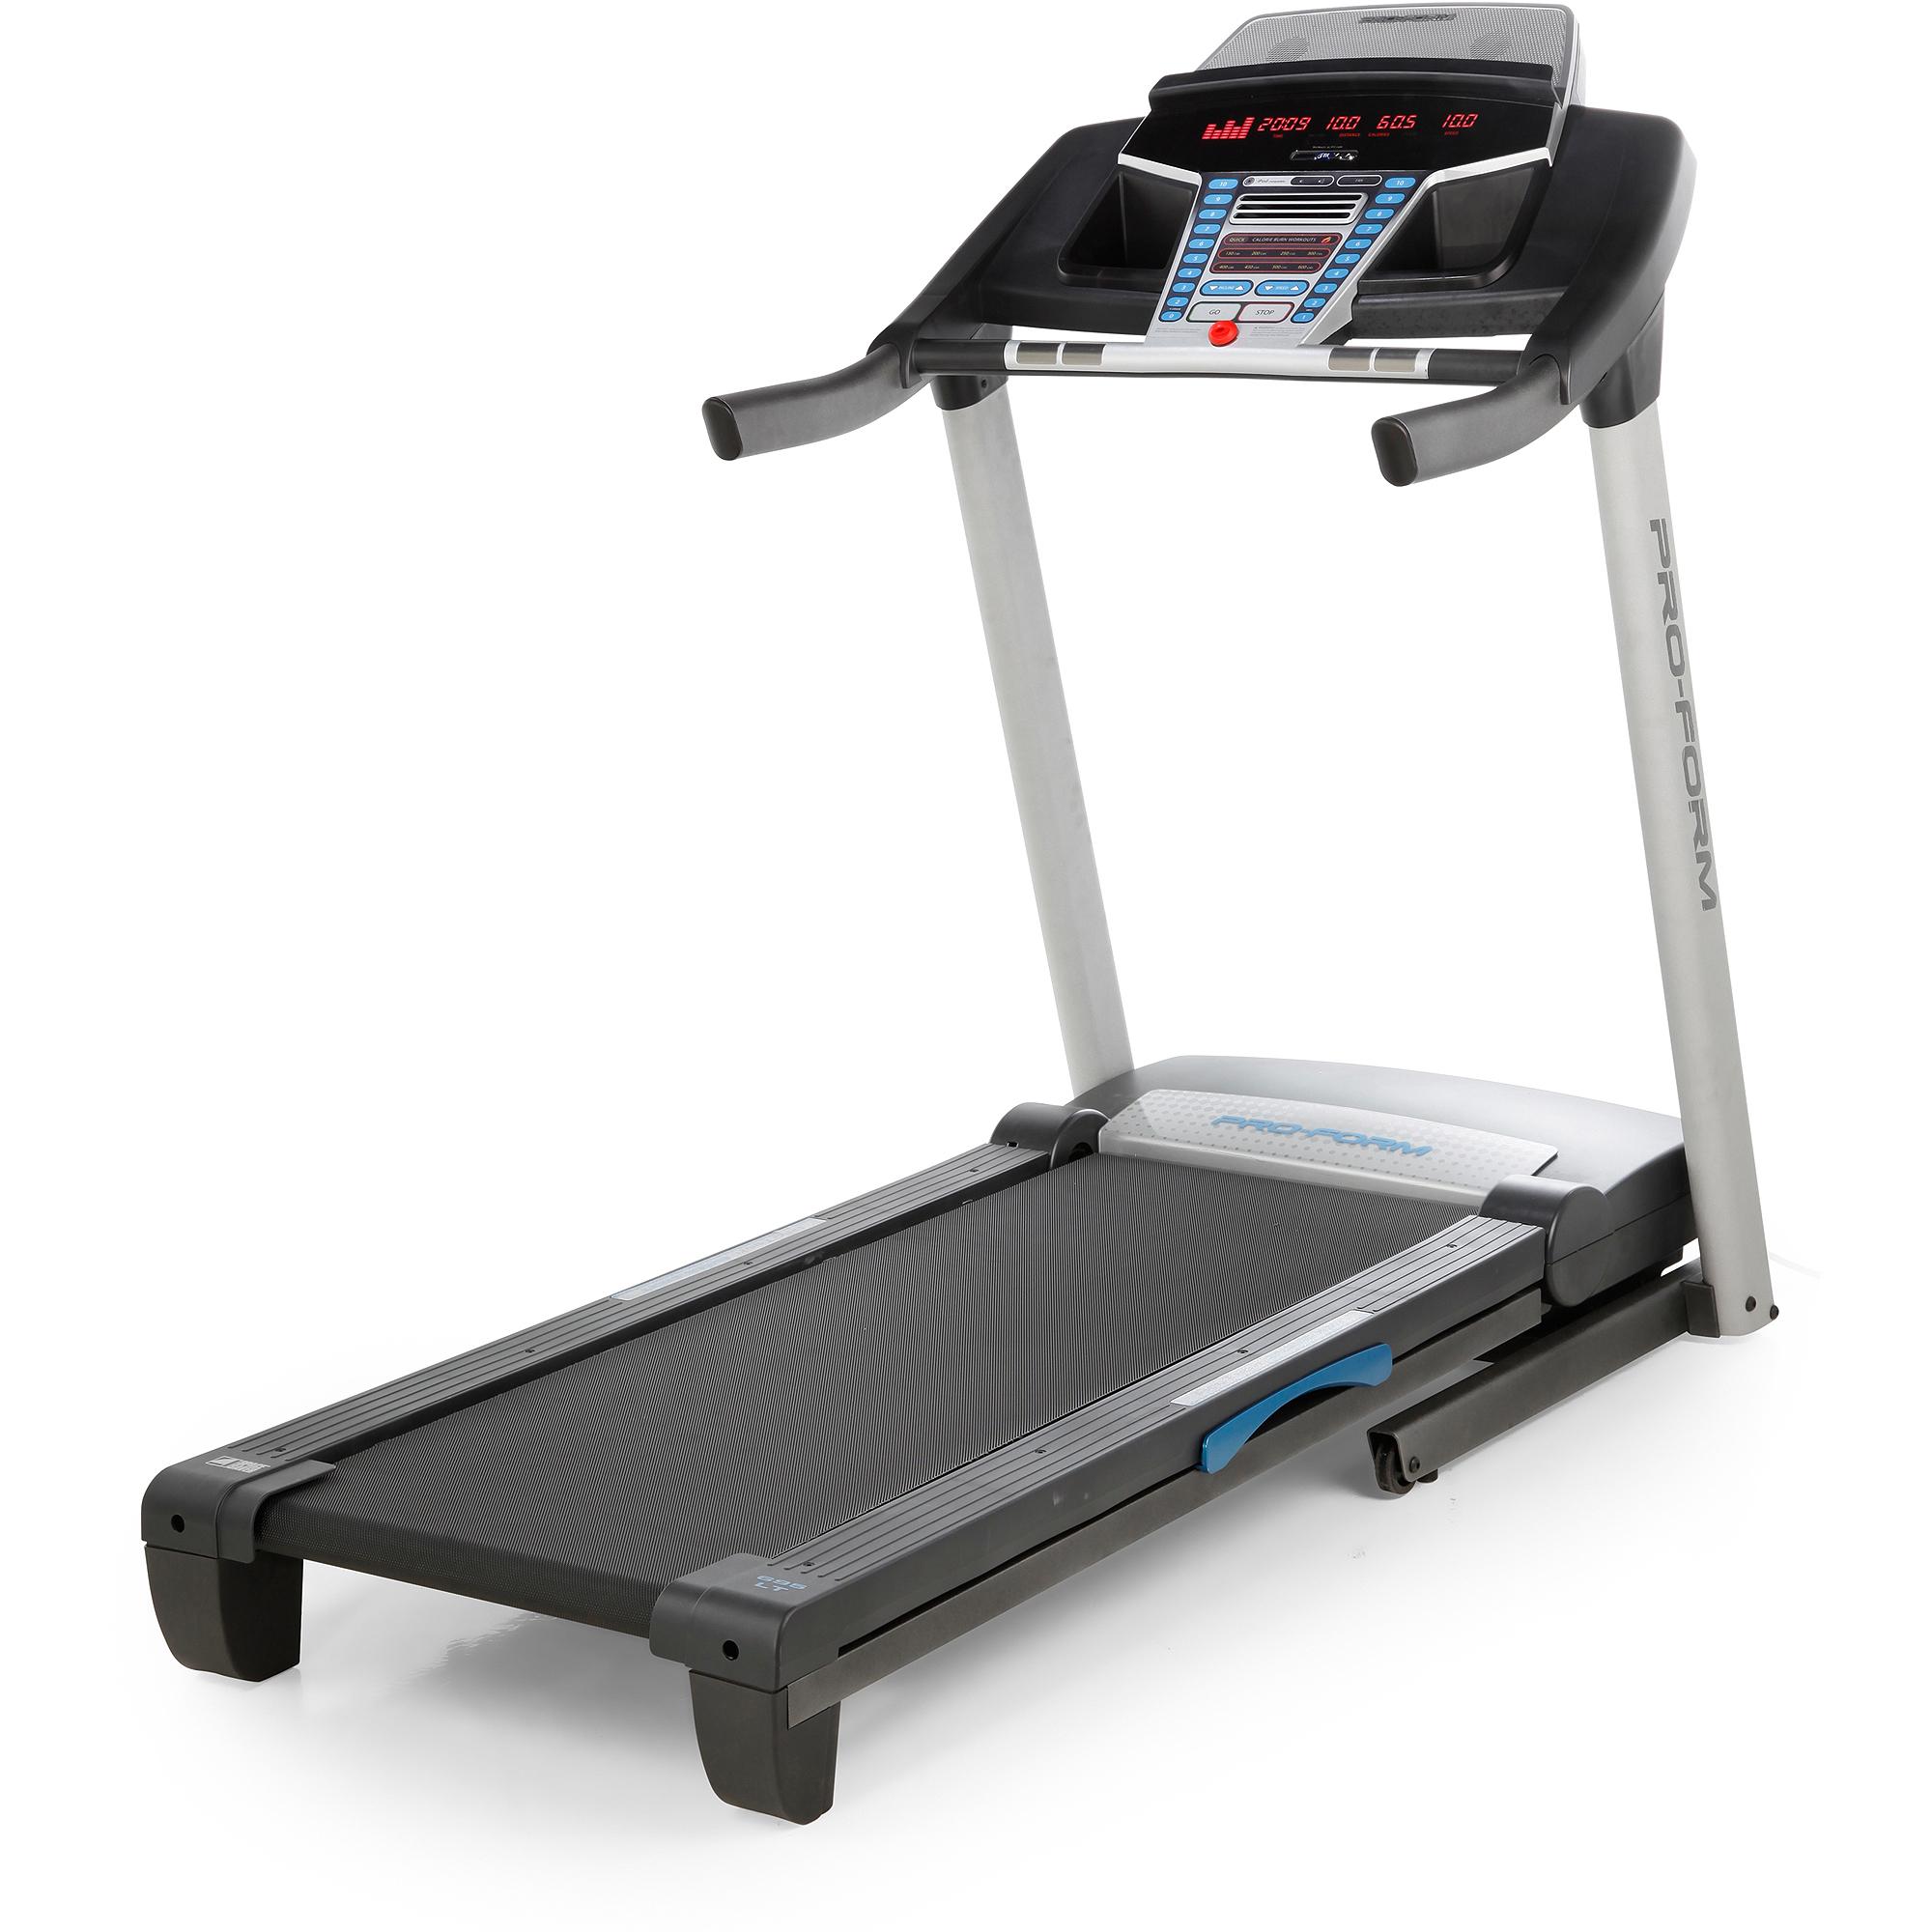 Proform 695 LT Treadmill